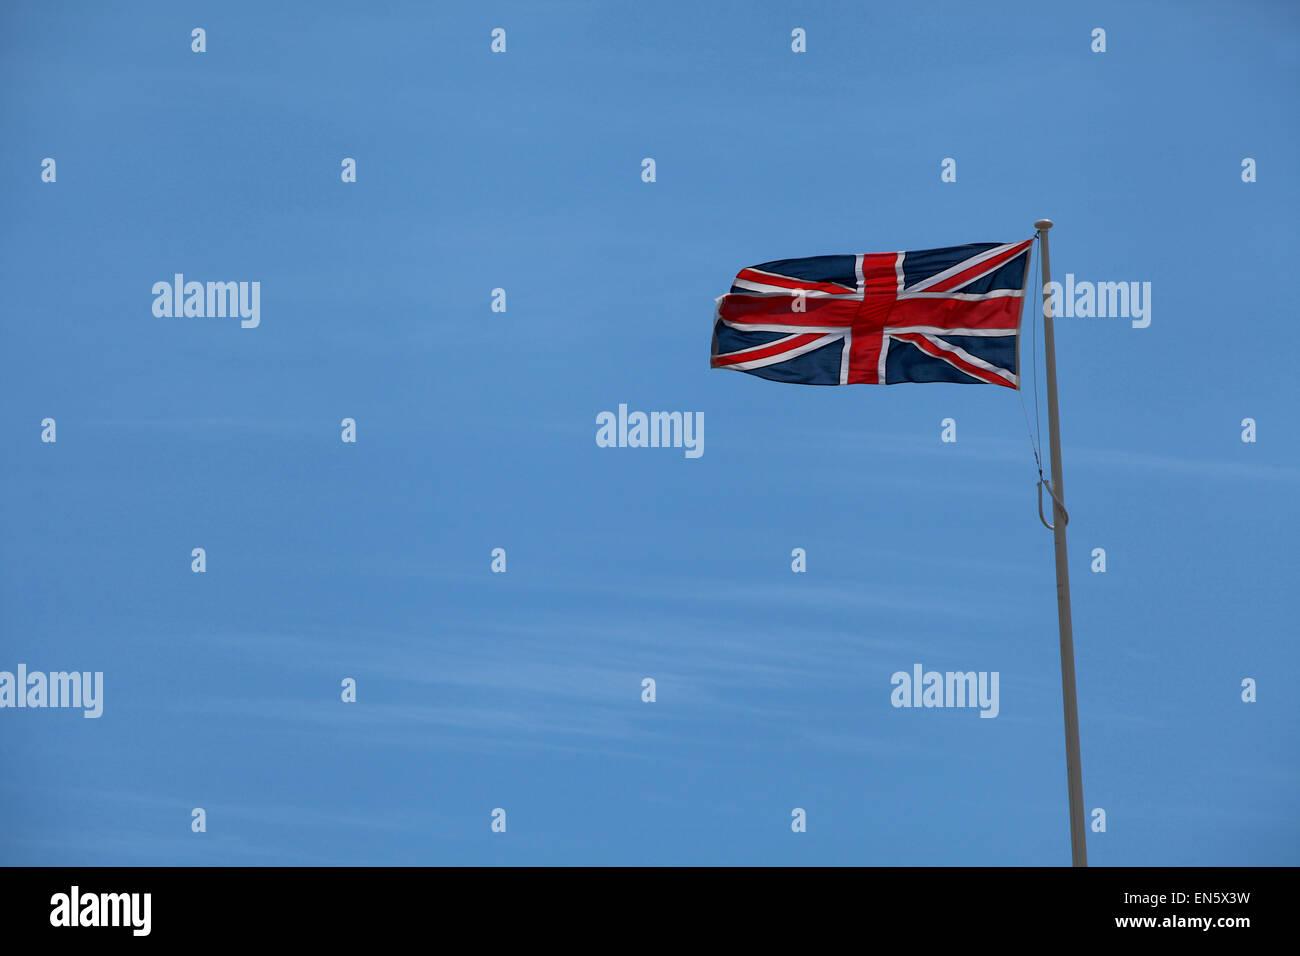 L'Union, se battant contre un ciel bleu avec copie espace Photo Stock